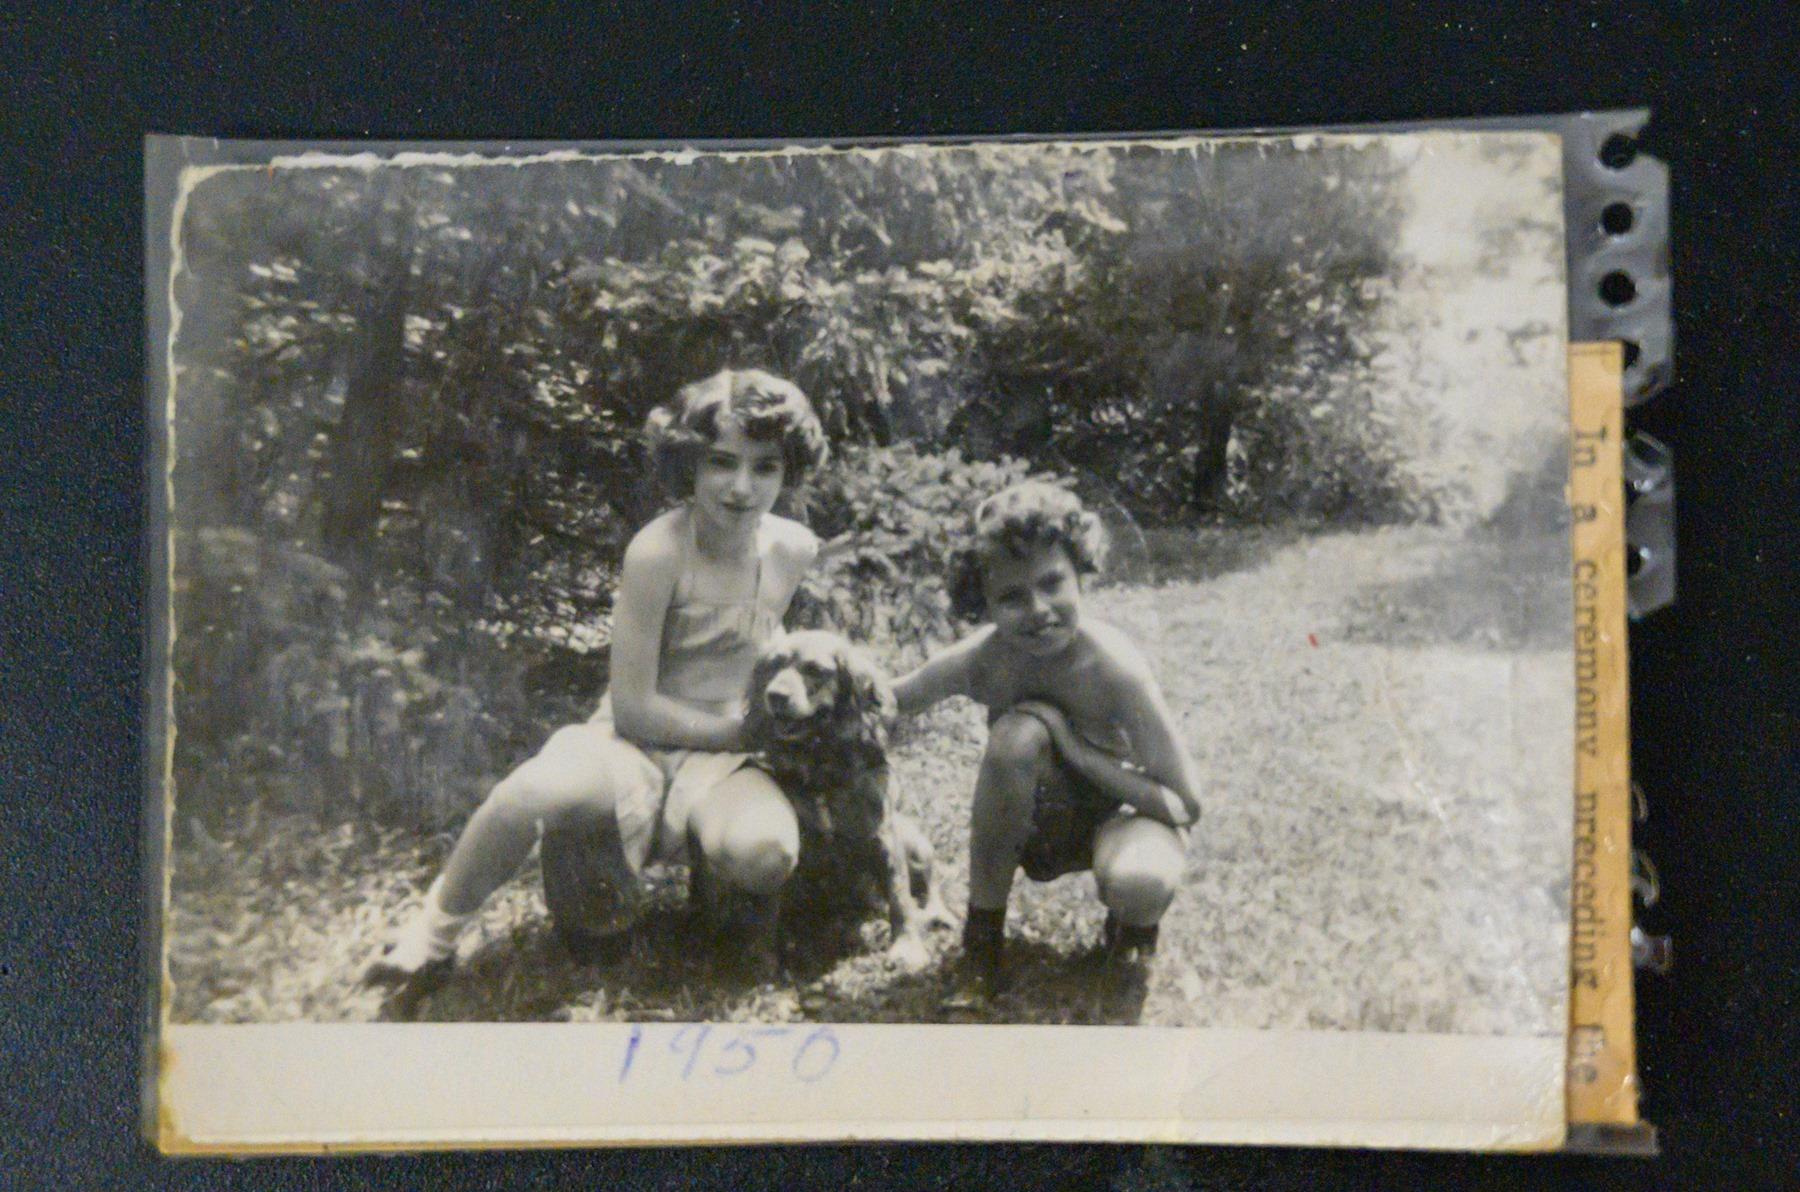 Φωτογραφία του 1950, της μικρής Πάτι, η τσάντα της οποίας βρέθηκε έπειτα από 64 χρόνια στο σχολείο της